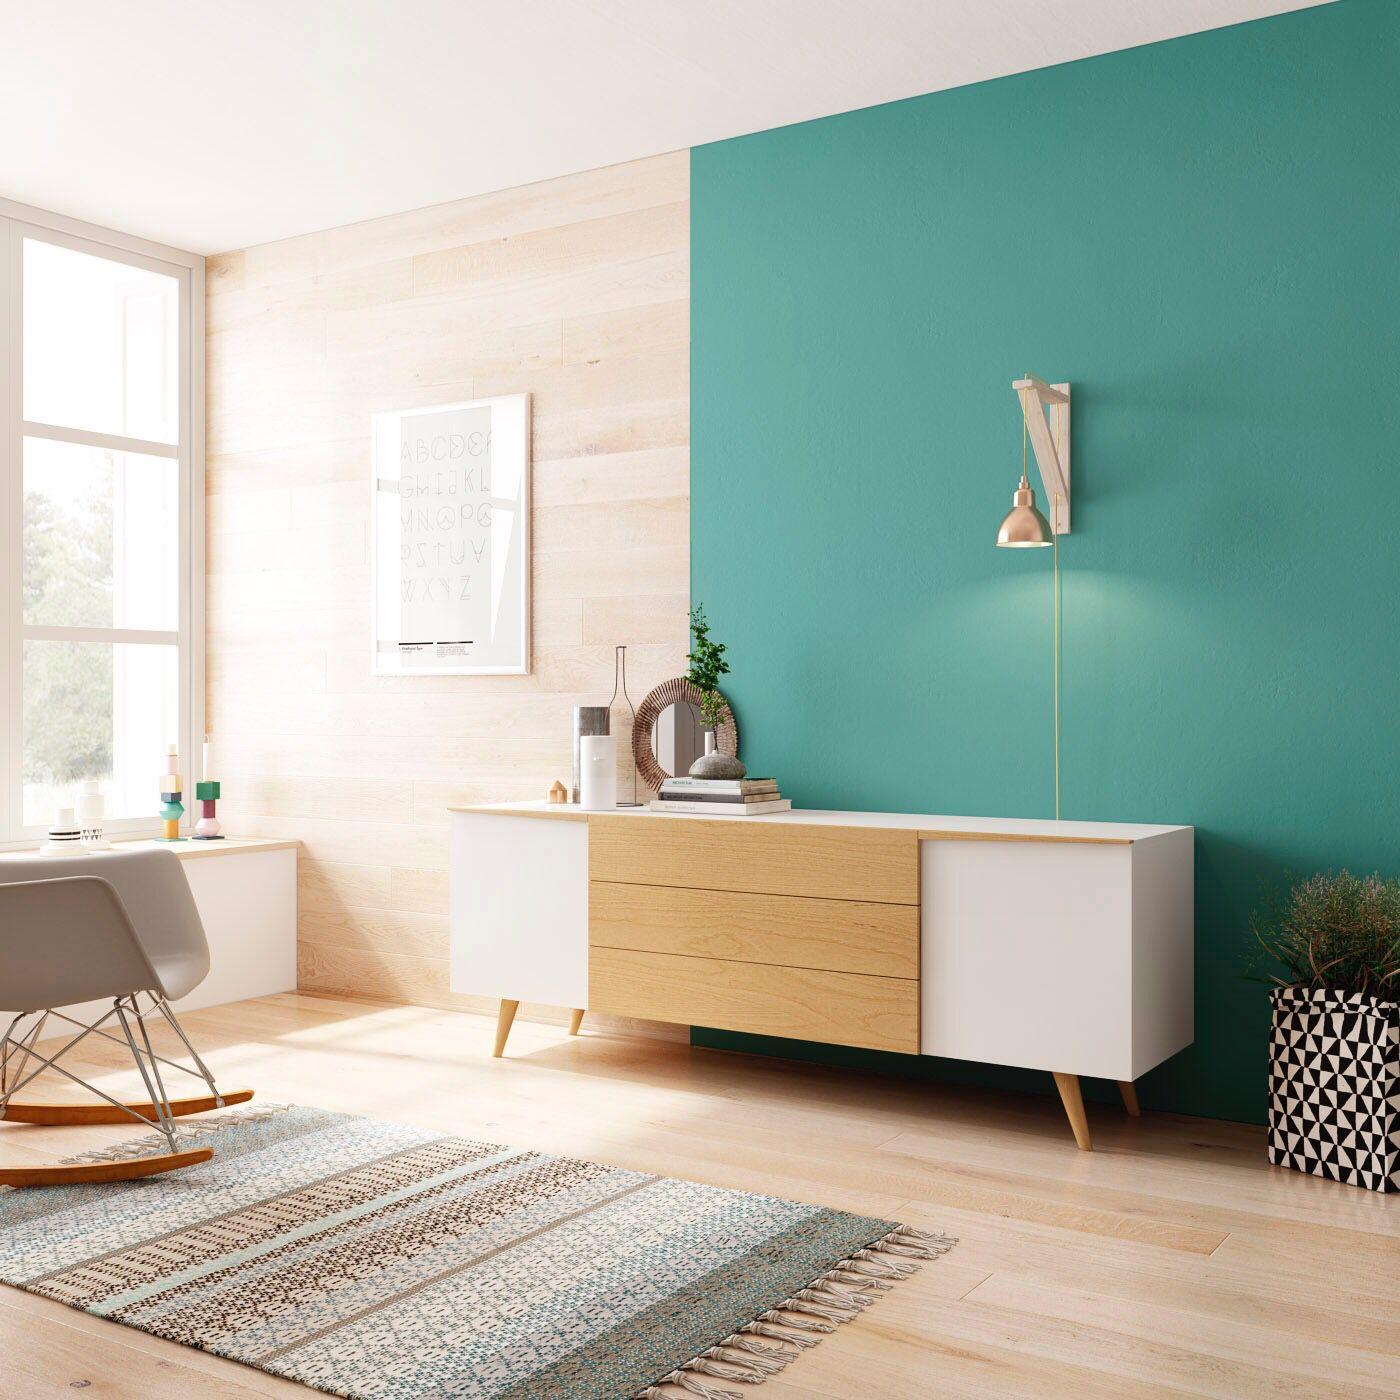 1000+ images about Nordisk design on Pinterest